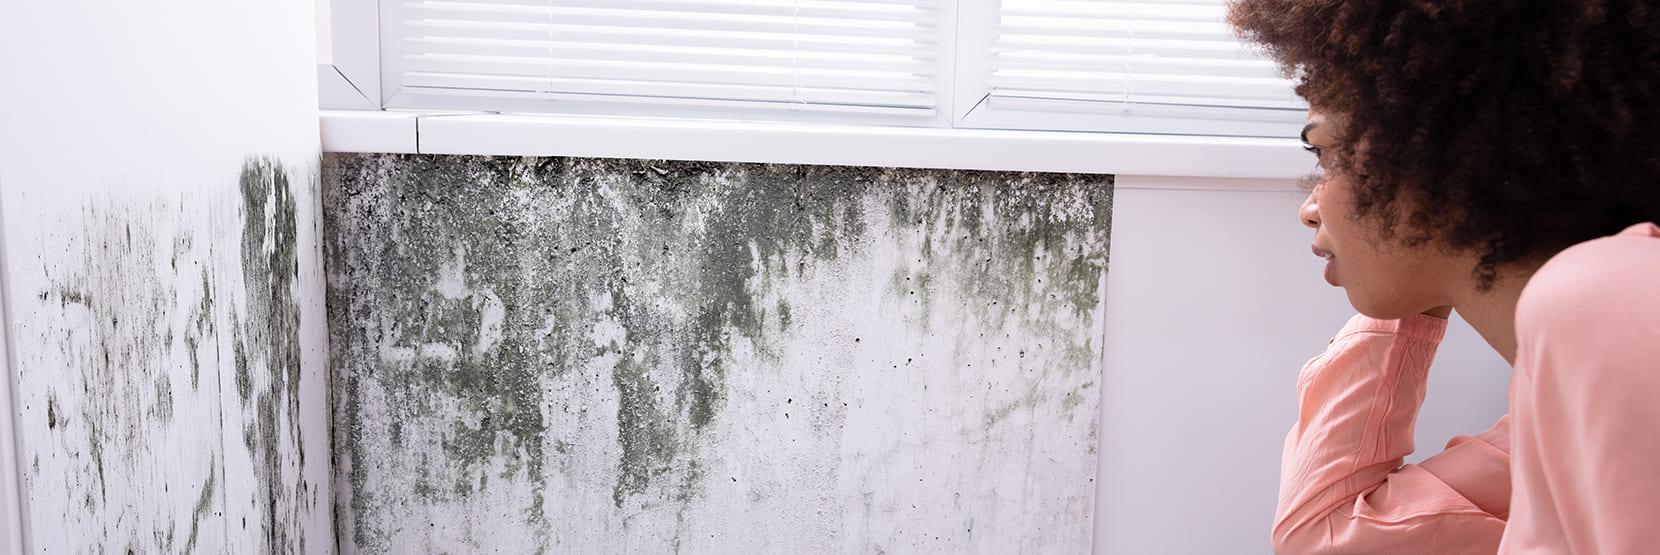 Zwarte schimmel op de muur? Hoe kun je dit voorkomen?